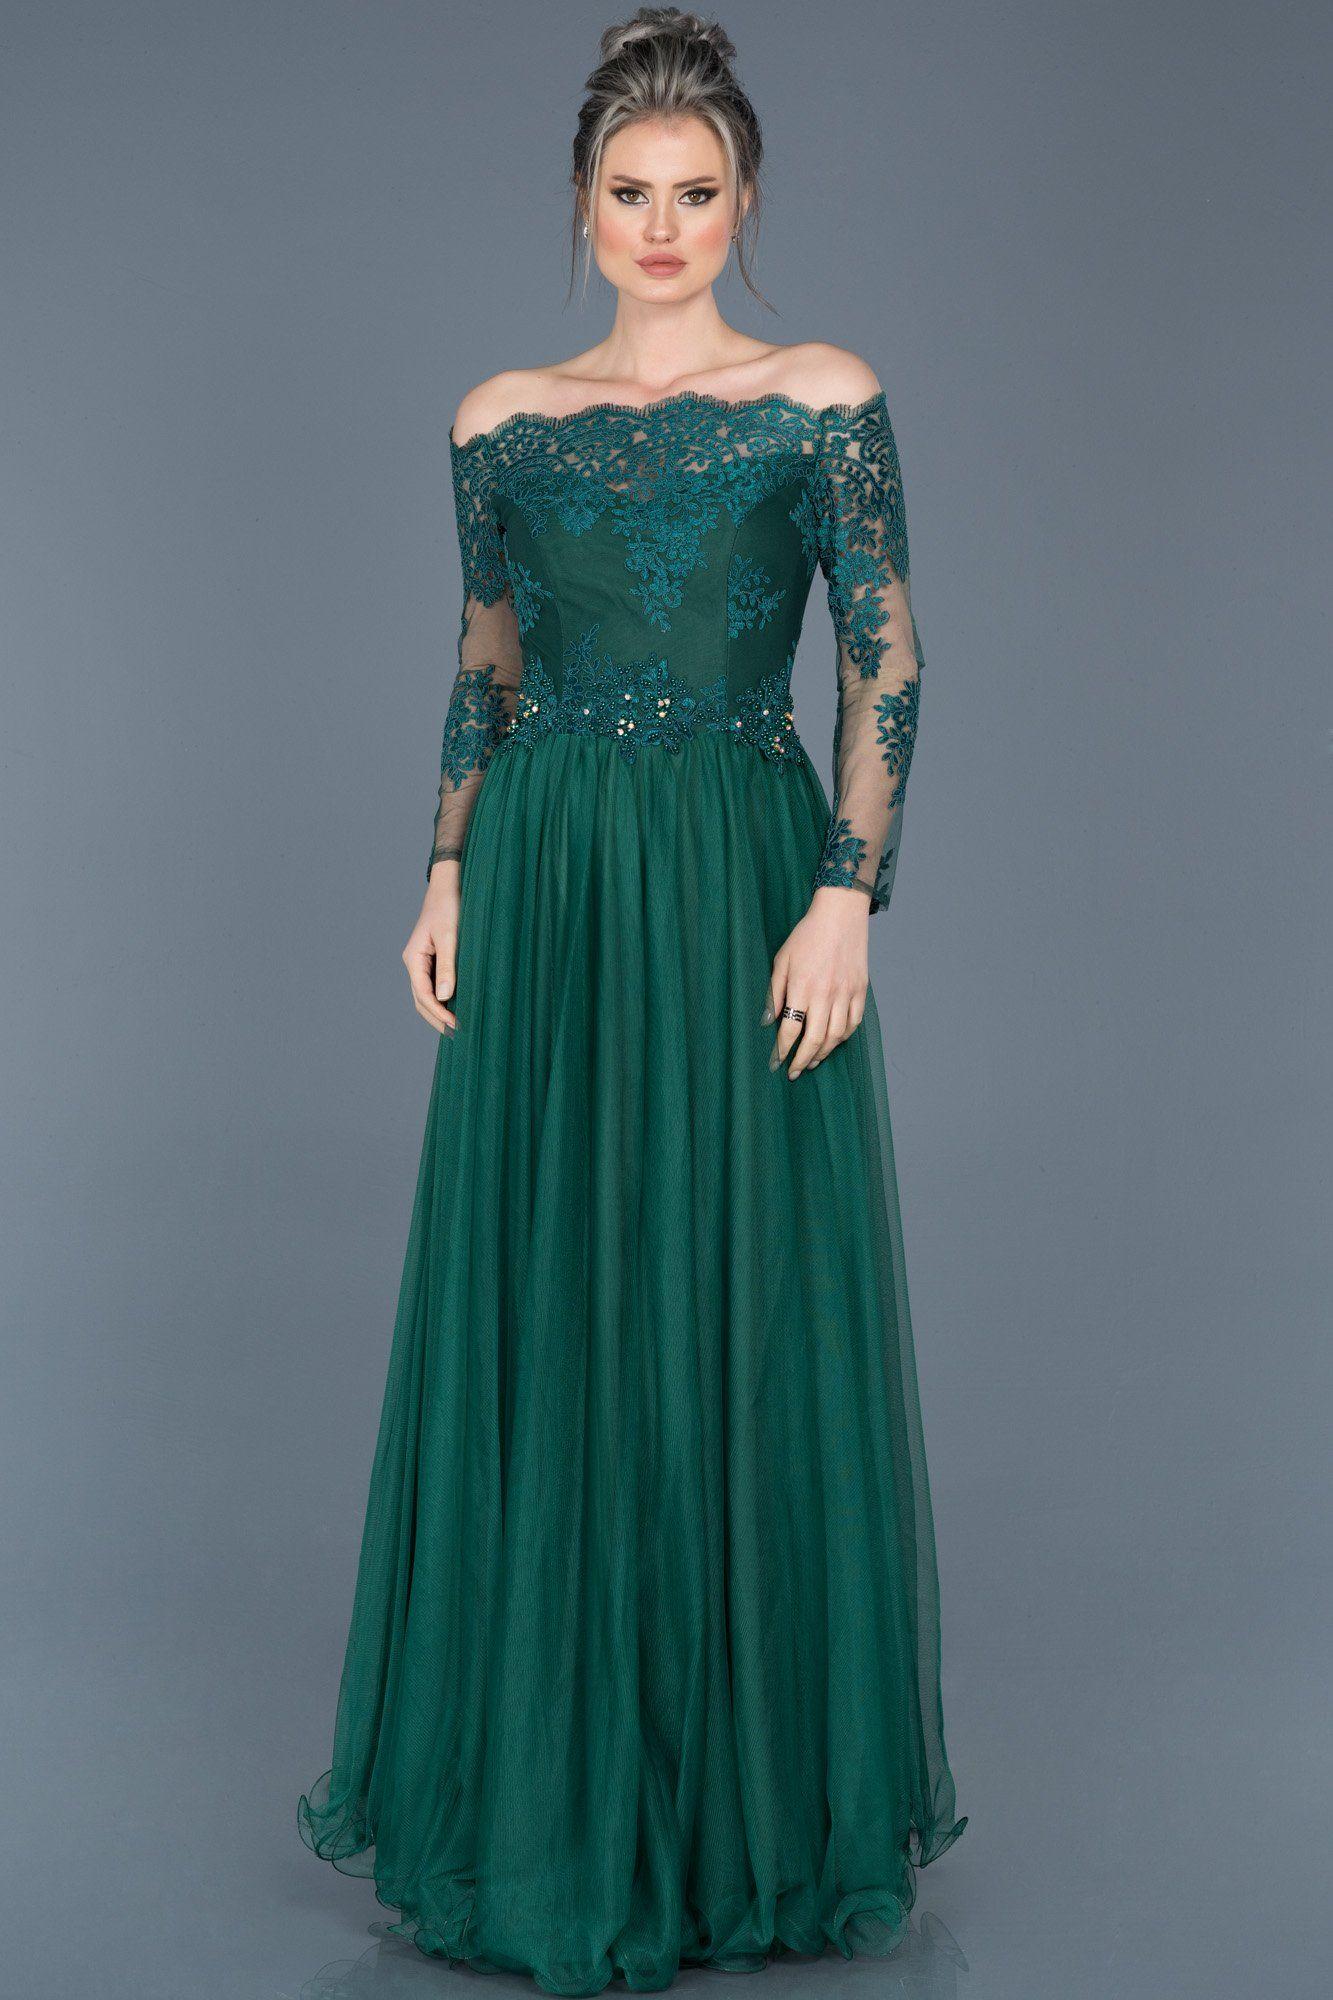 Zumrut Yesili Dantelli Uzun Kollu Abiye Abu019 Balo Elbiseleri The Dress Aksam Elbiseleri